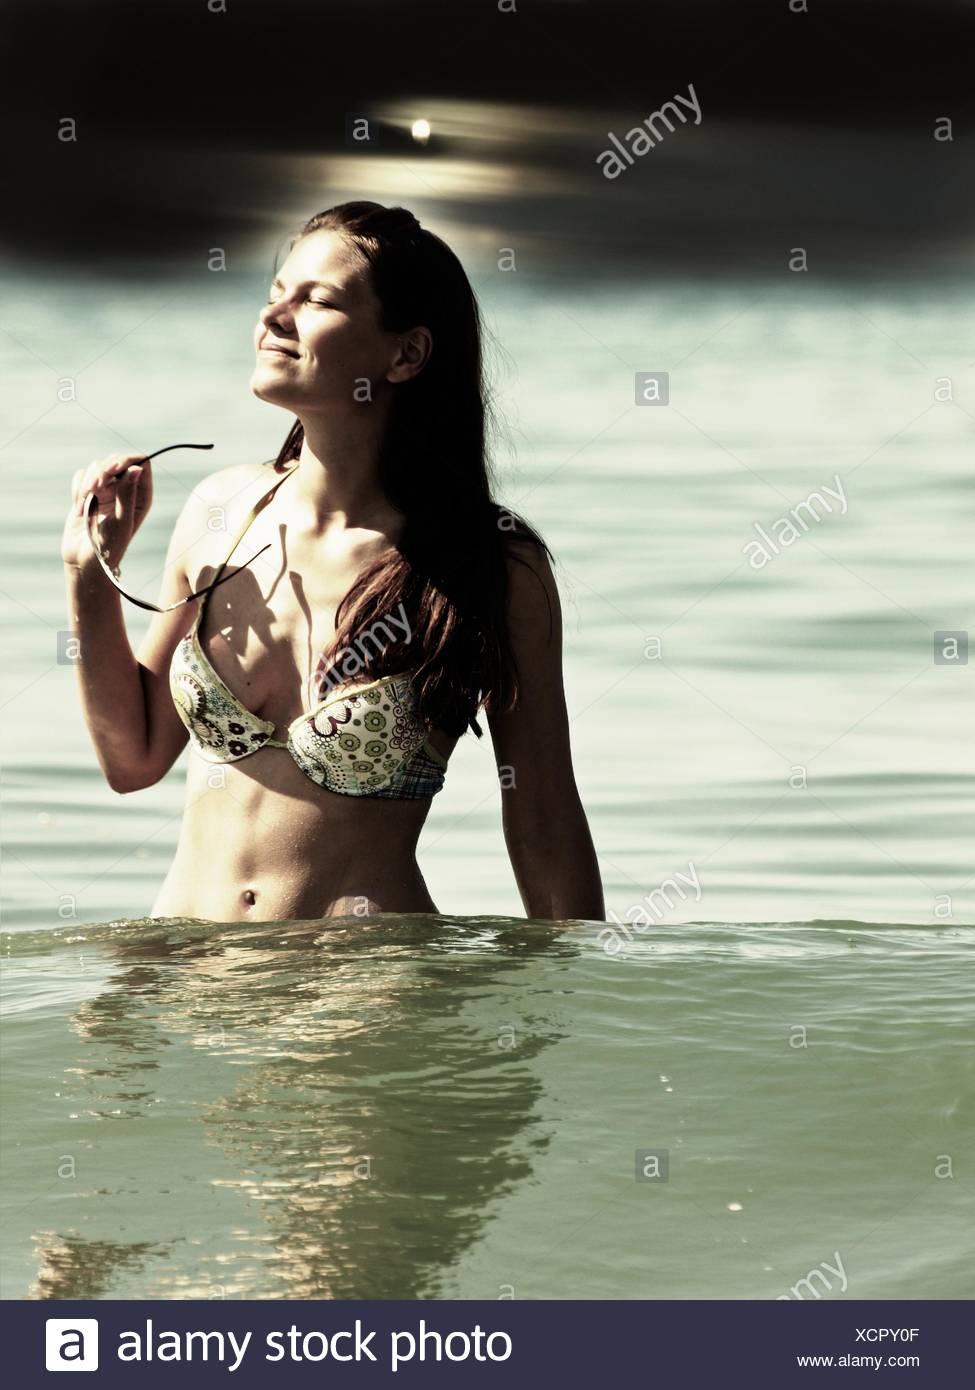 Bikini Woman In Sea - Stock Image